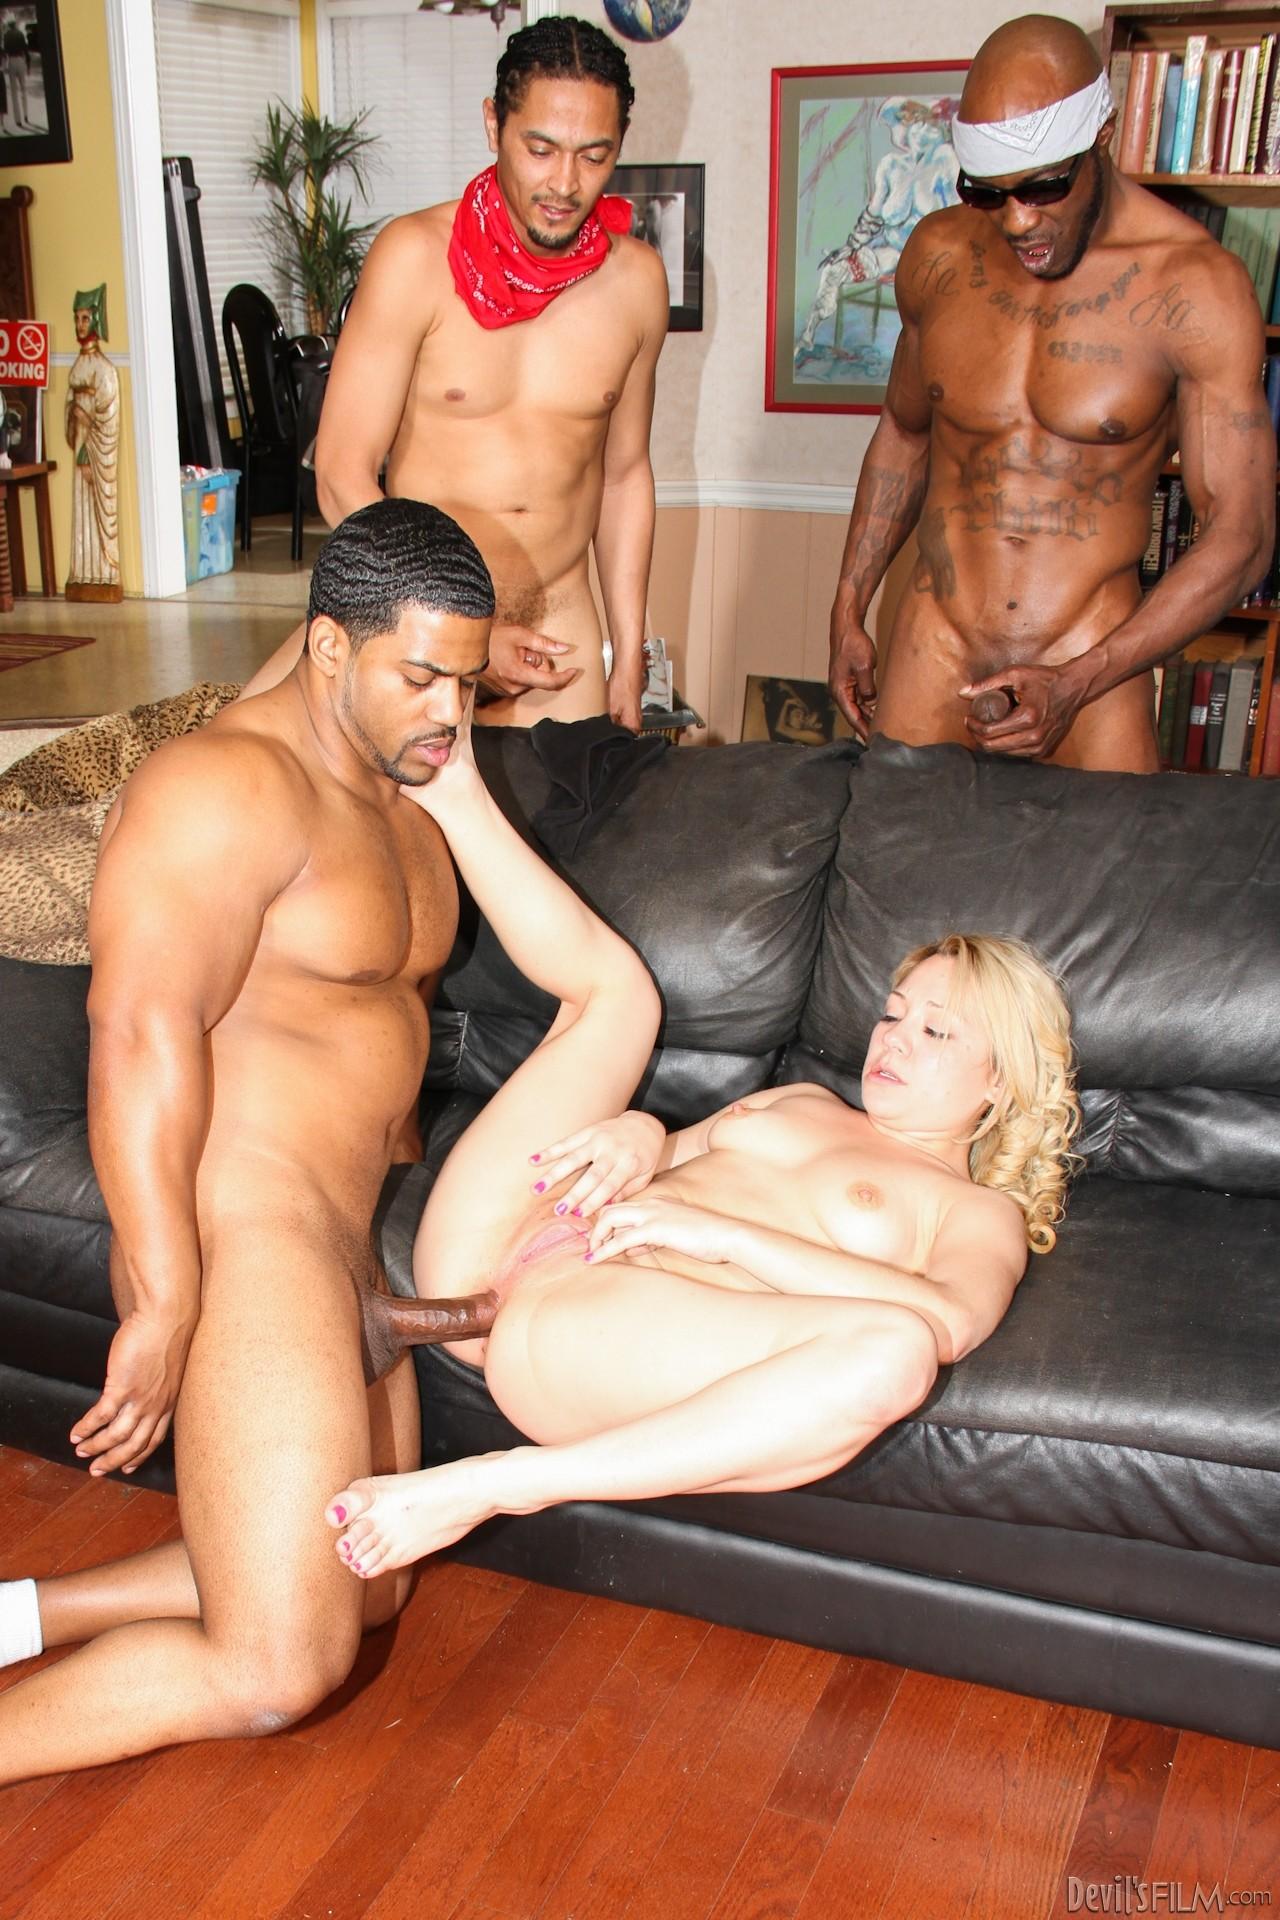 brian-pumper-fucking-white-pussy-mpegs-joyce-jimenez-nude-sex-video